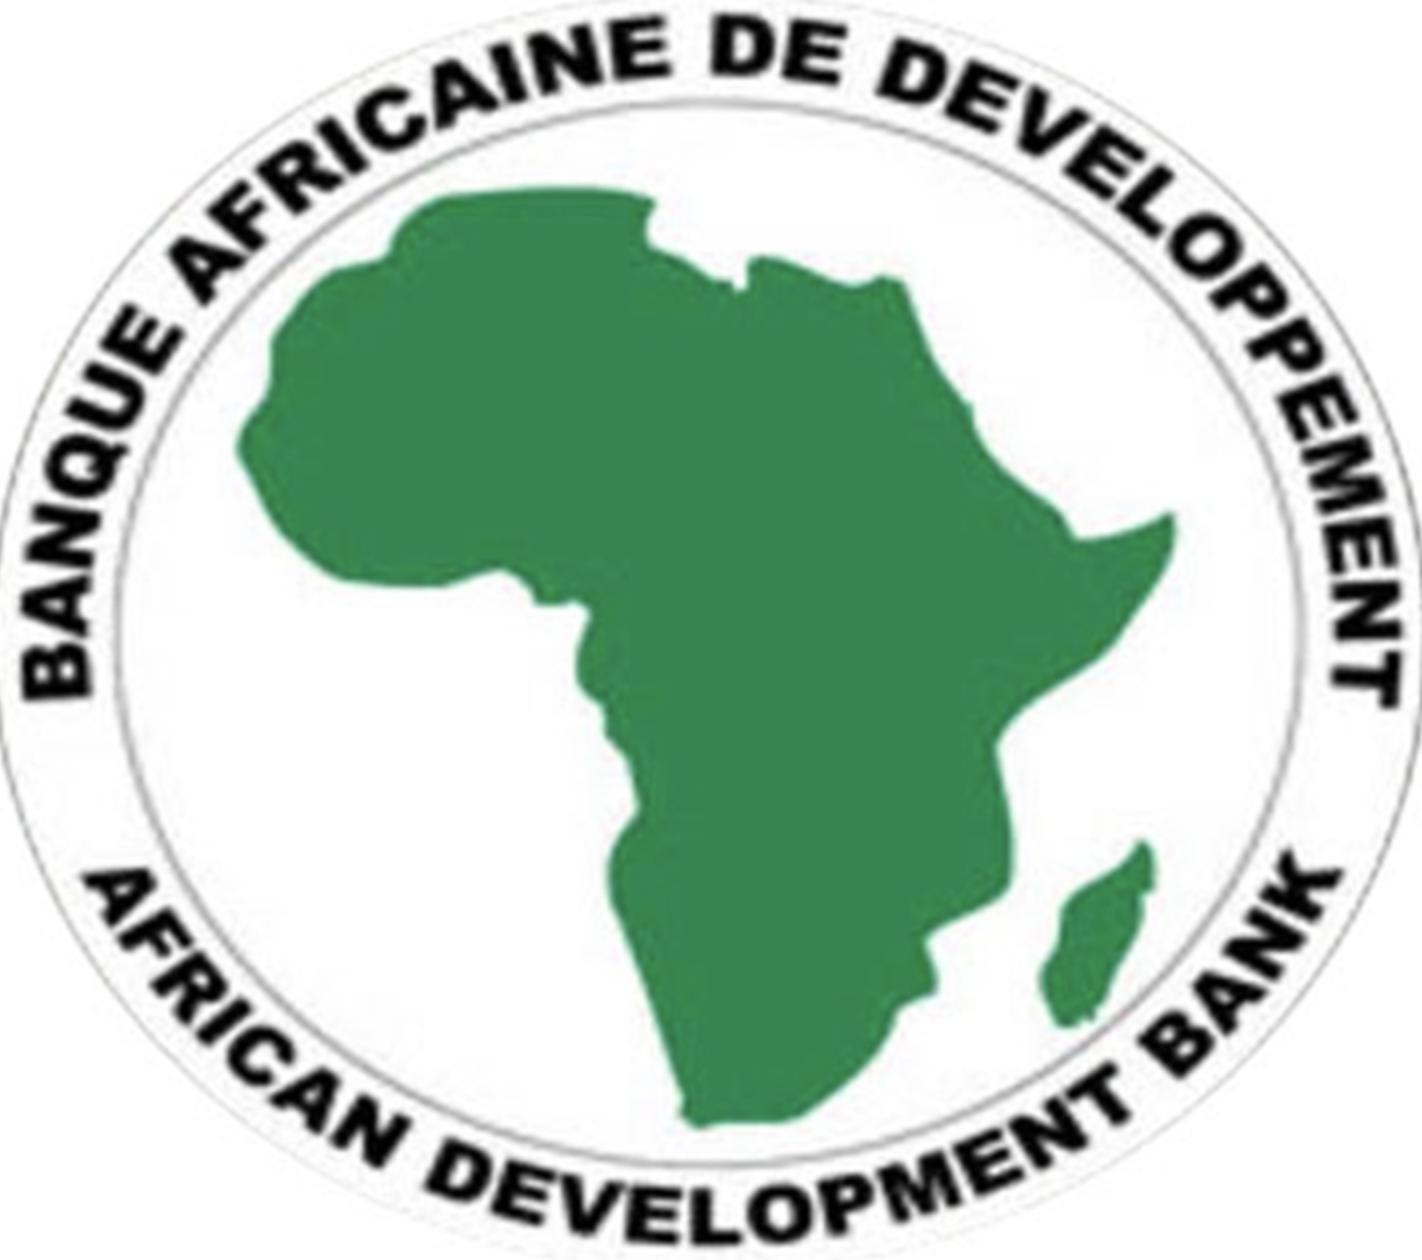 La Banque africaine de développement (BAD) punit la Zambie